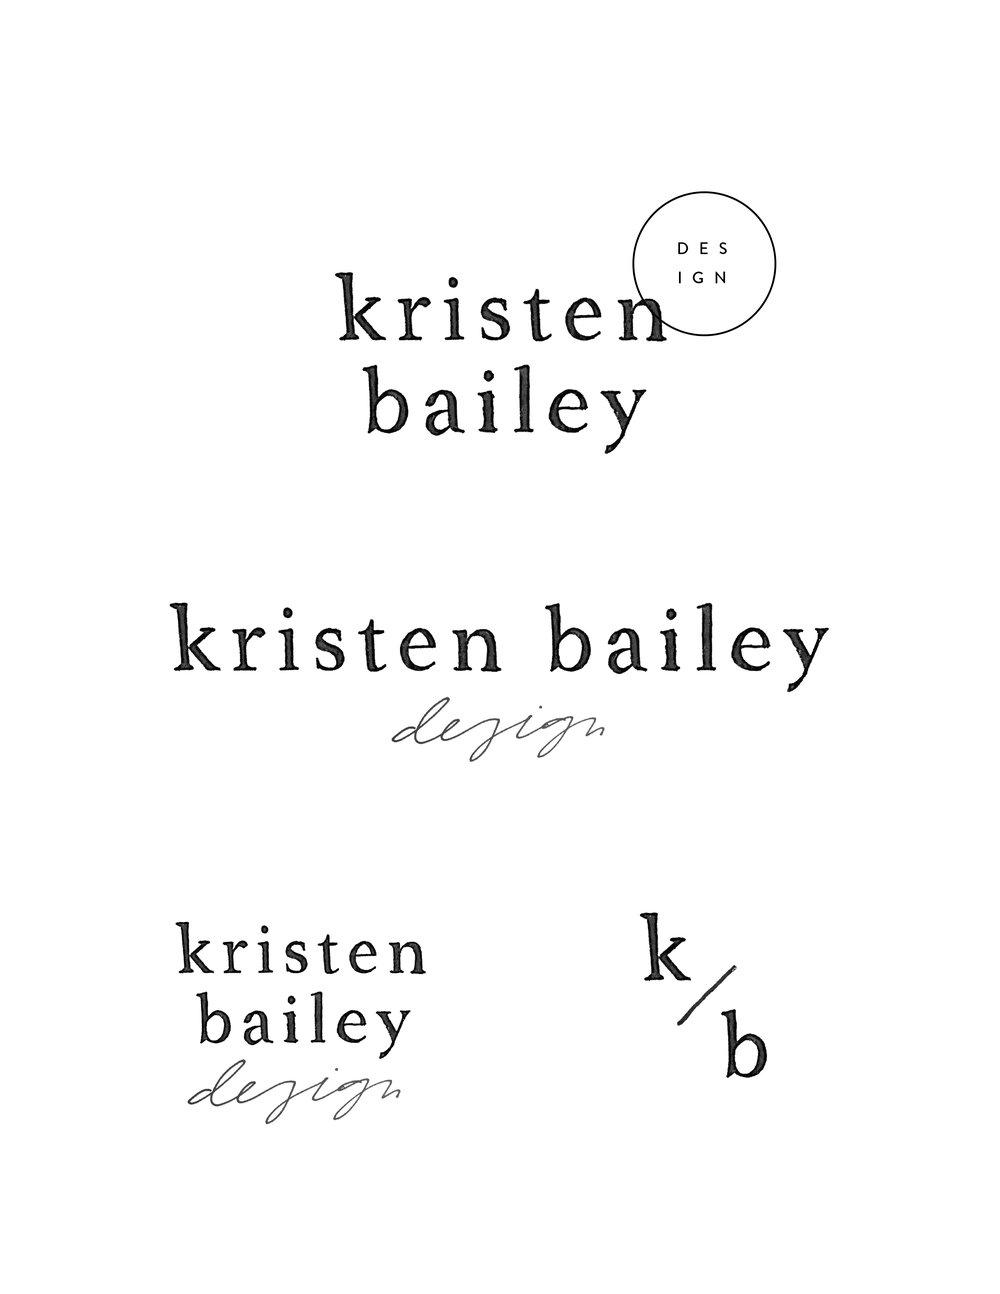 kbd logo draft 5.jpg